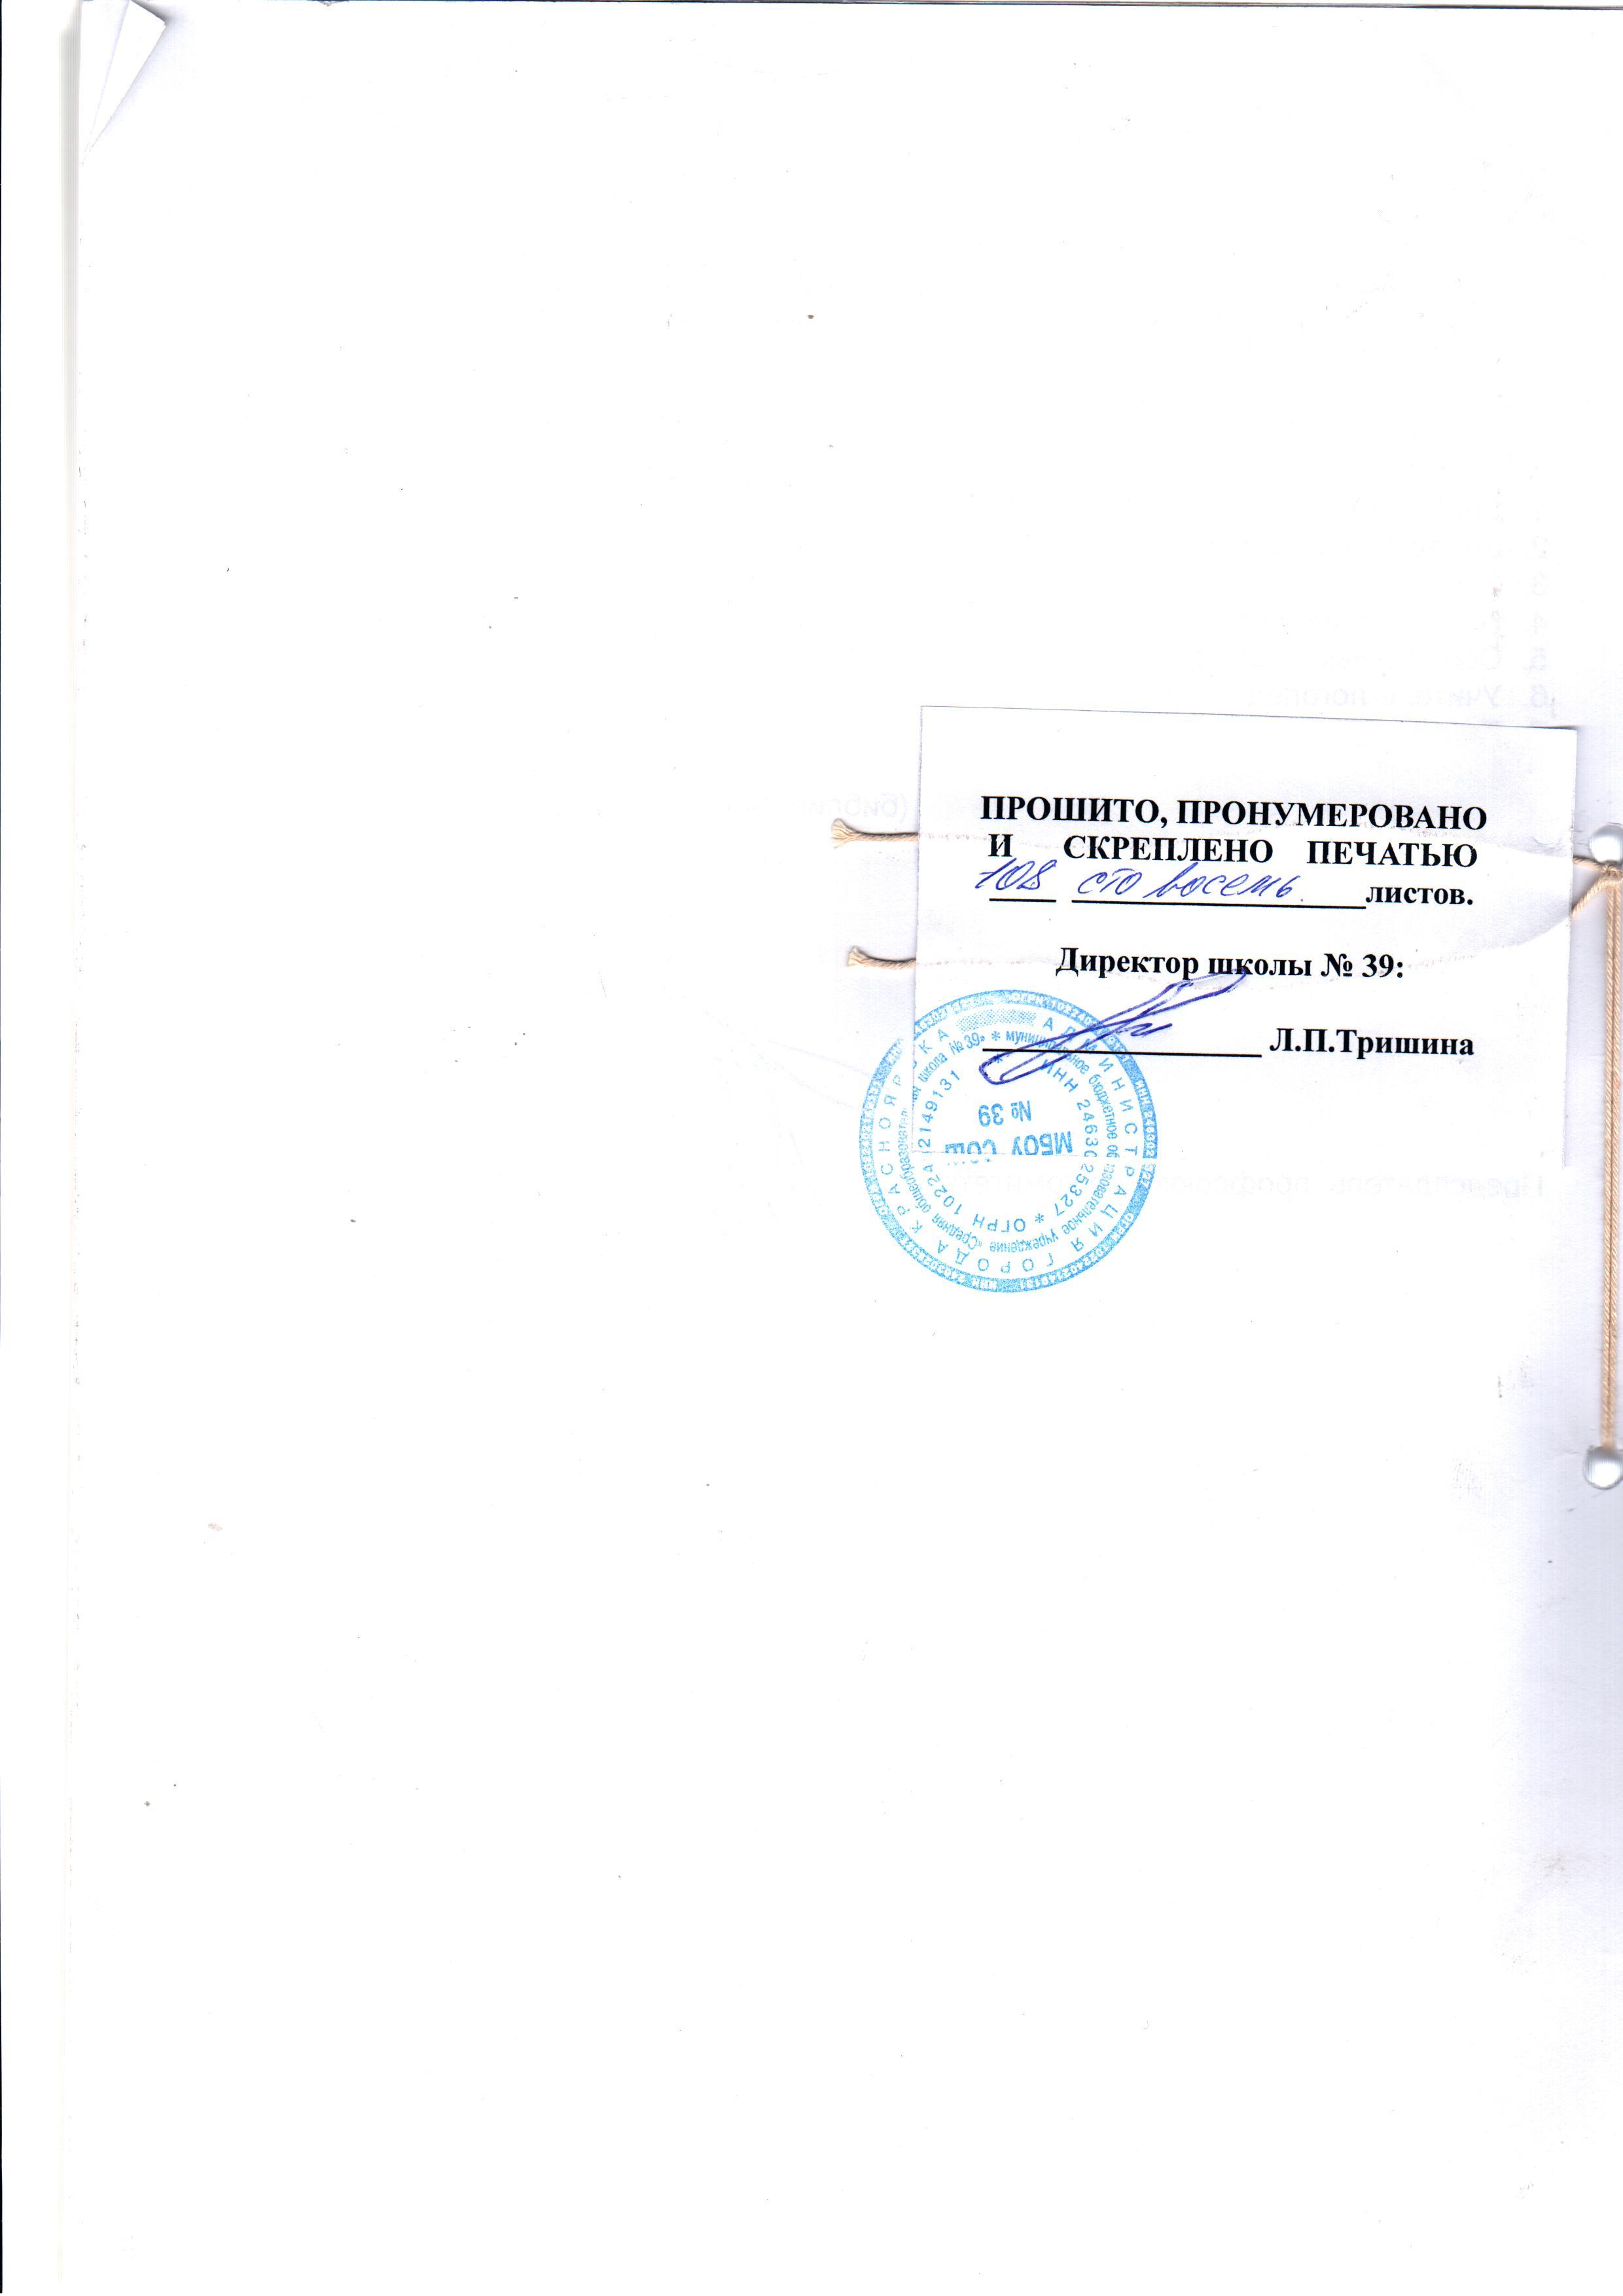 Как сшивать документы для налоговой по требованию: заверка бумаг 71